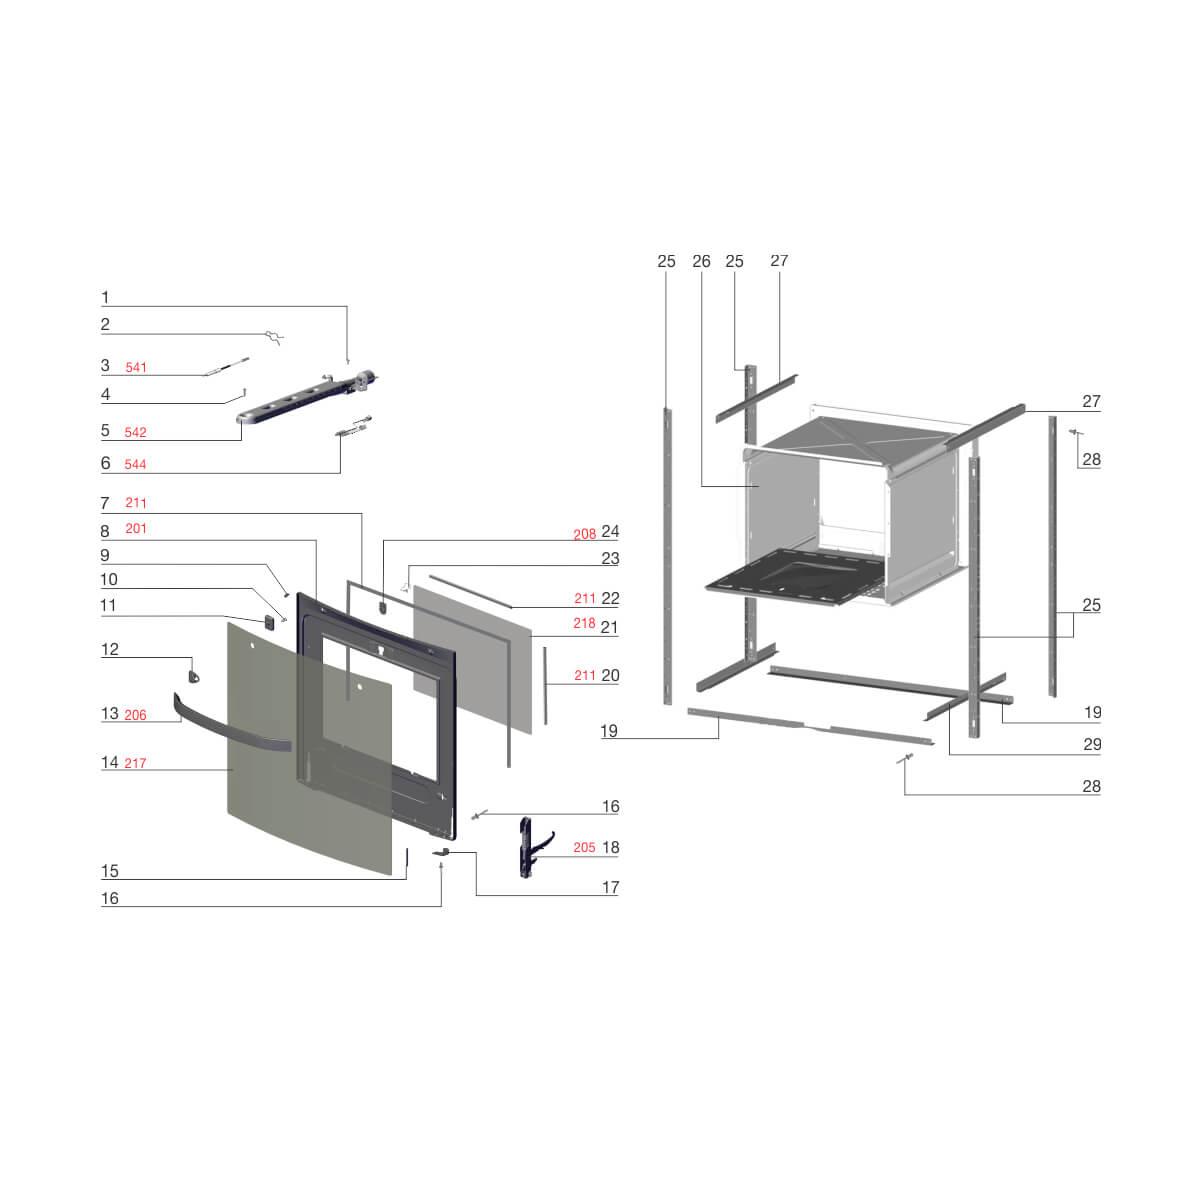 Vidro Interno Porta Do Forno 56 Para Fogão 4 Bocas Electrolux - A11675707